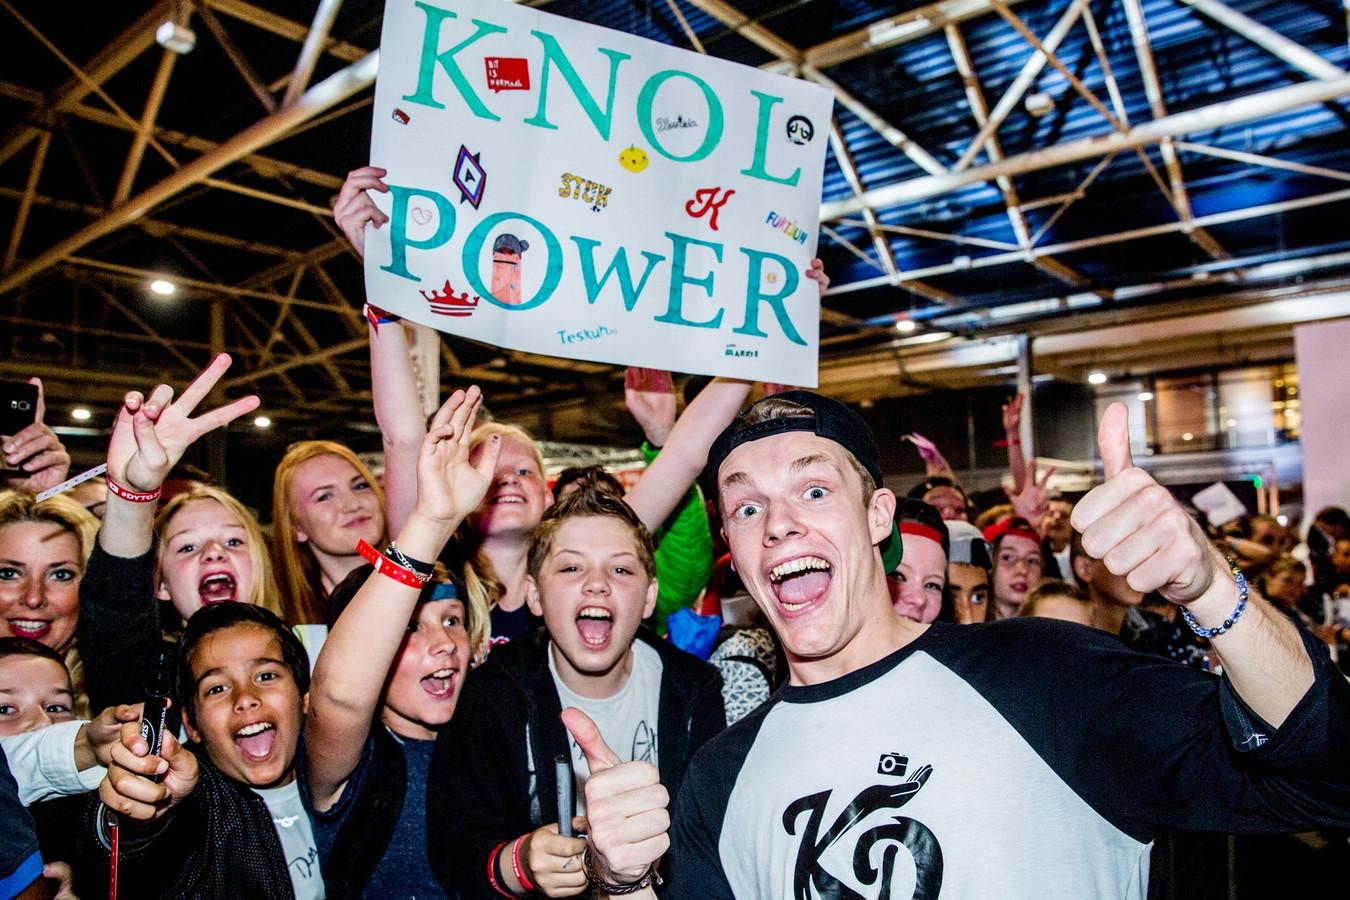 Een van de meest populaire vloggers van Nederland is Enzo Knol.